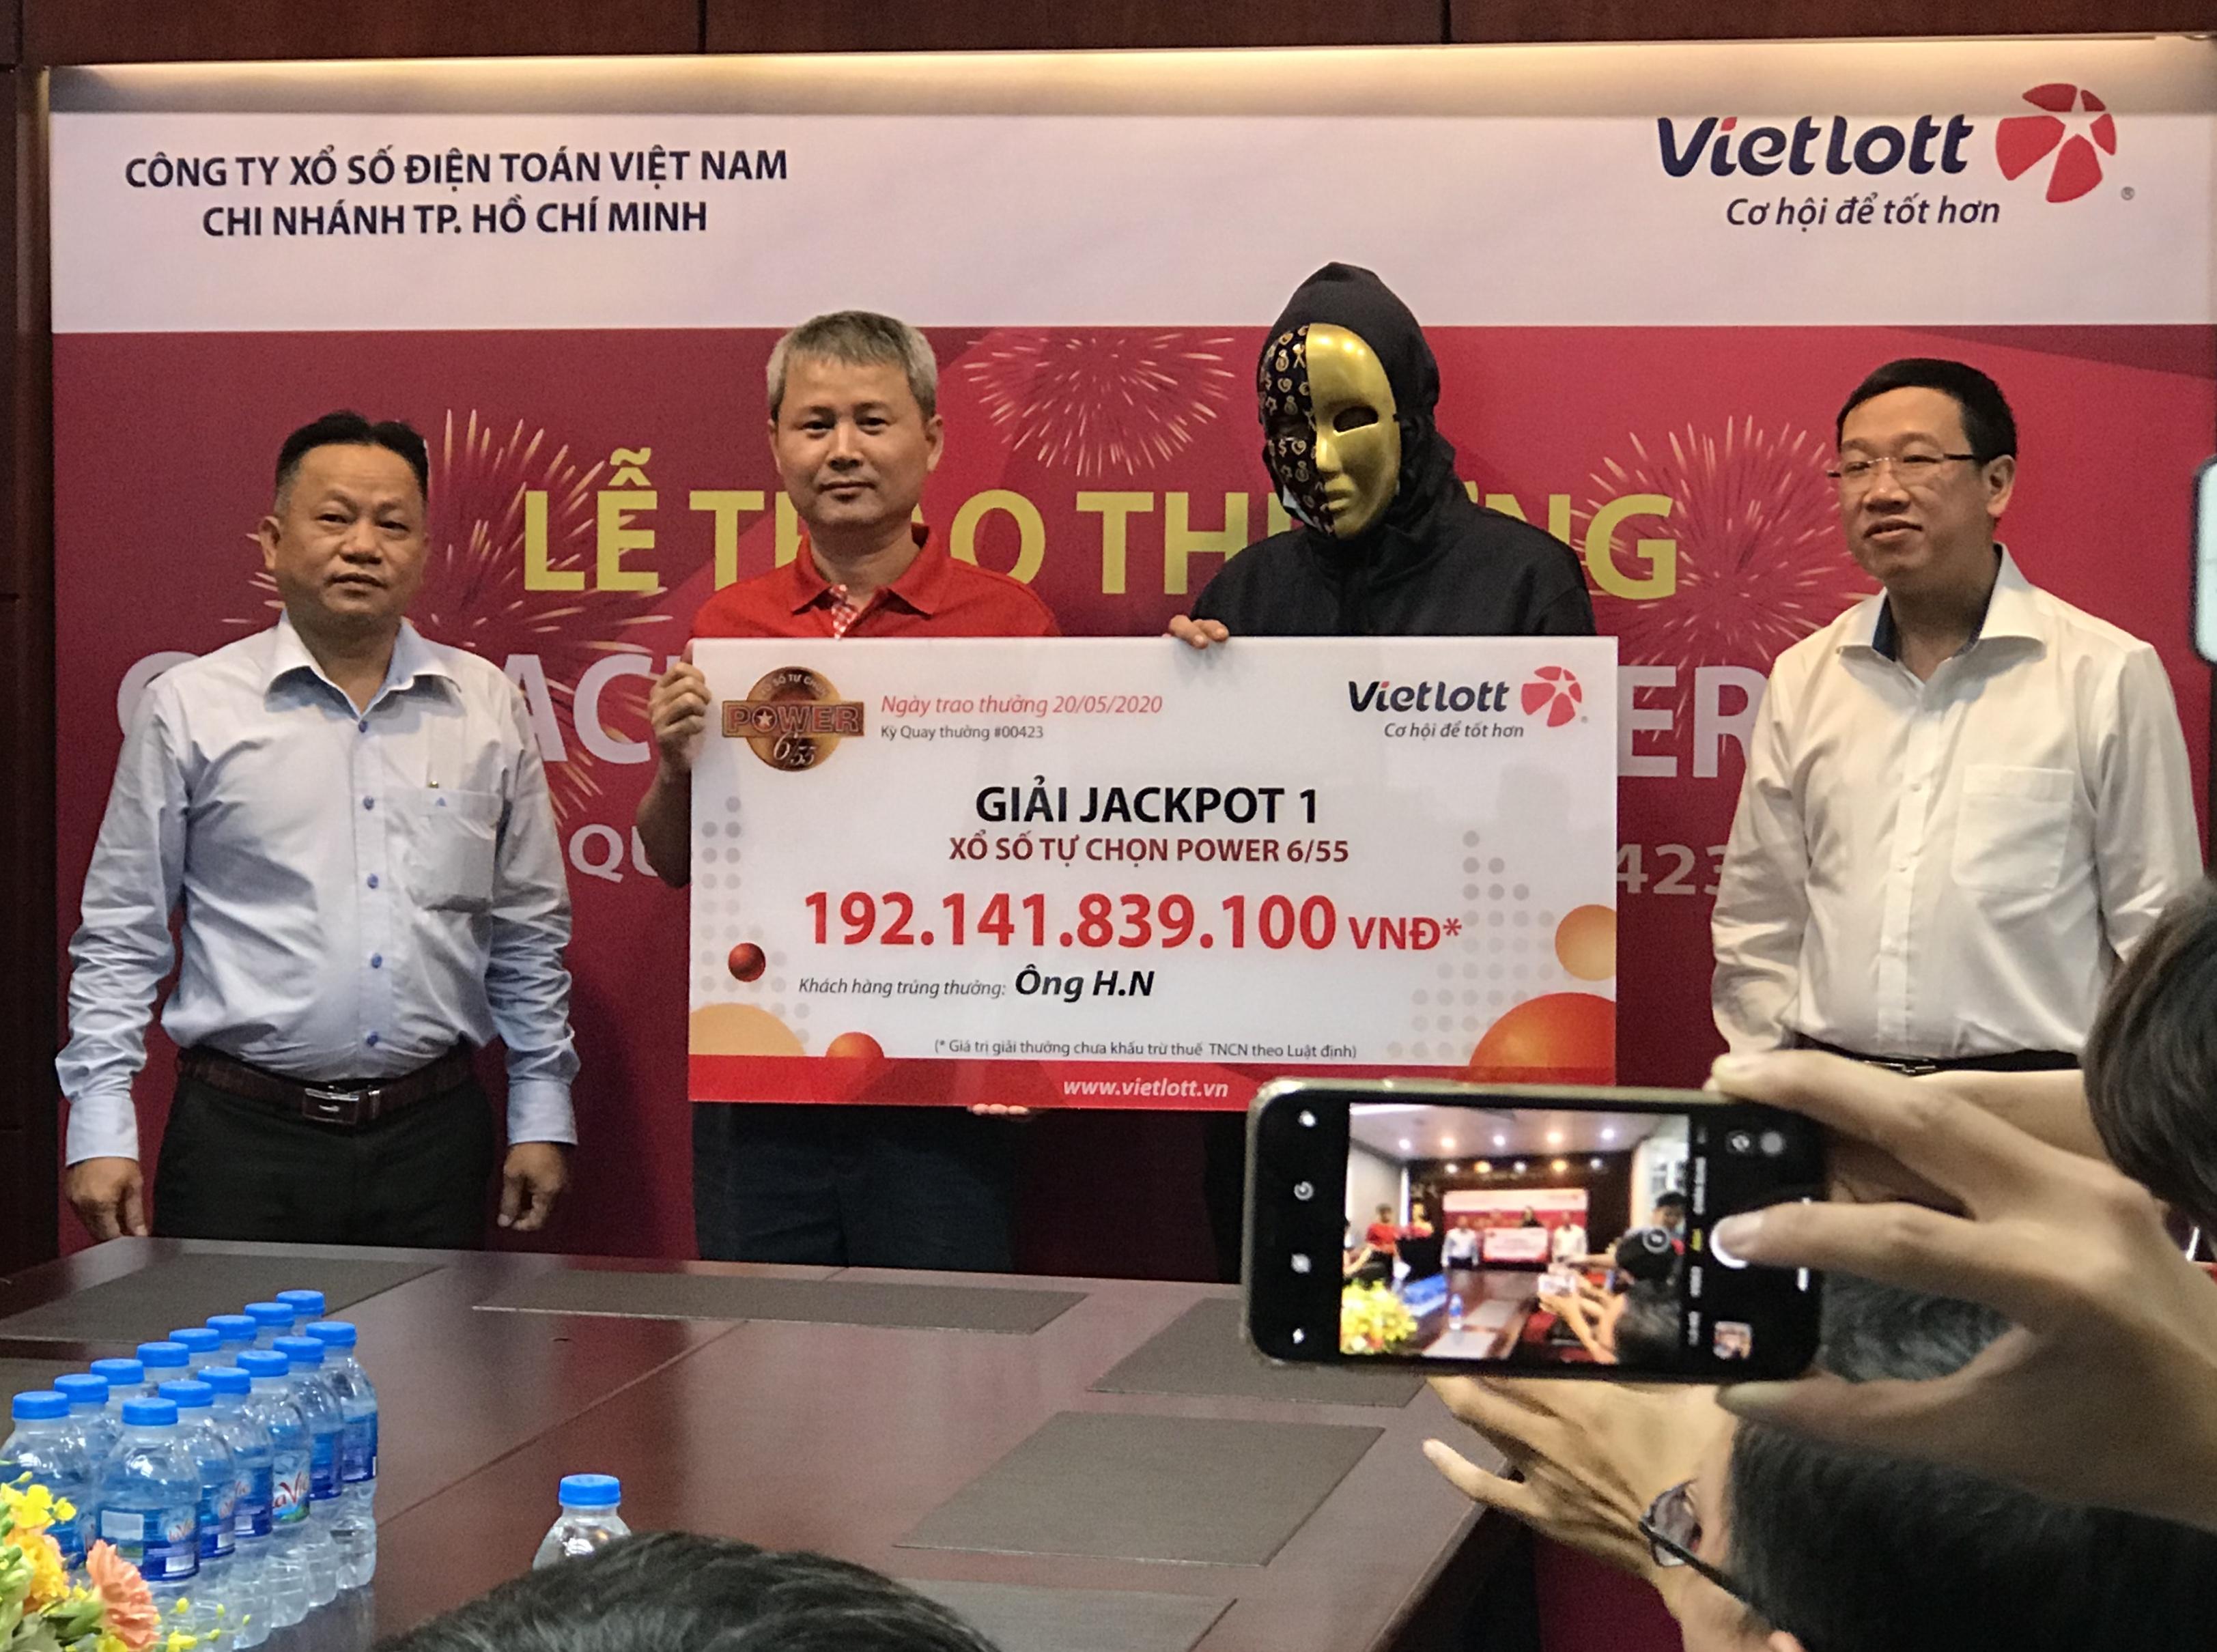 Chủ nhân giải độc đắc Vietlott 192 tỉ đồng ở TP HCM đến nhận thưởng - Ảnh 1.